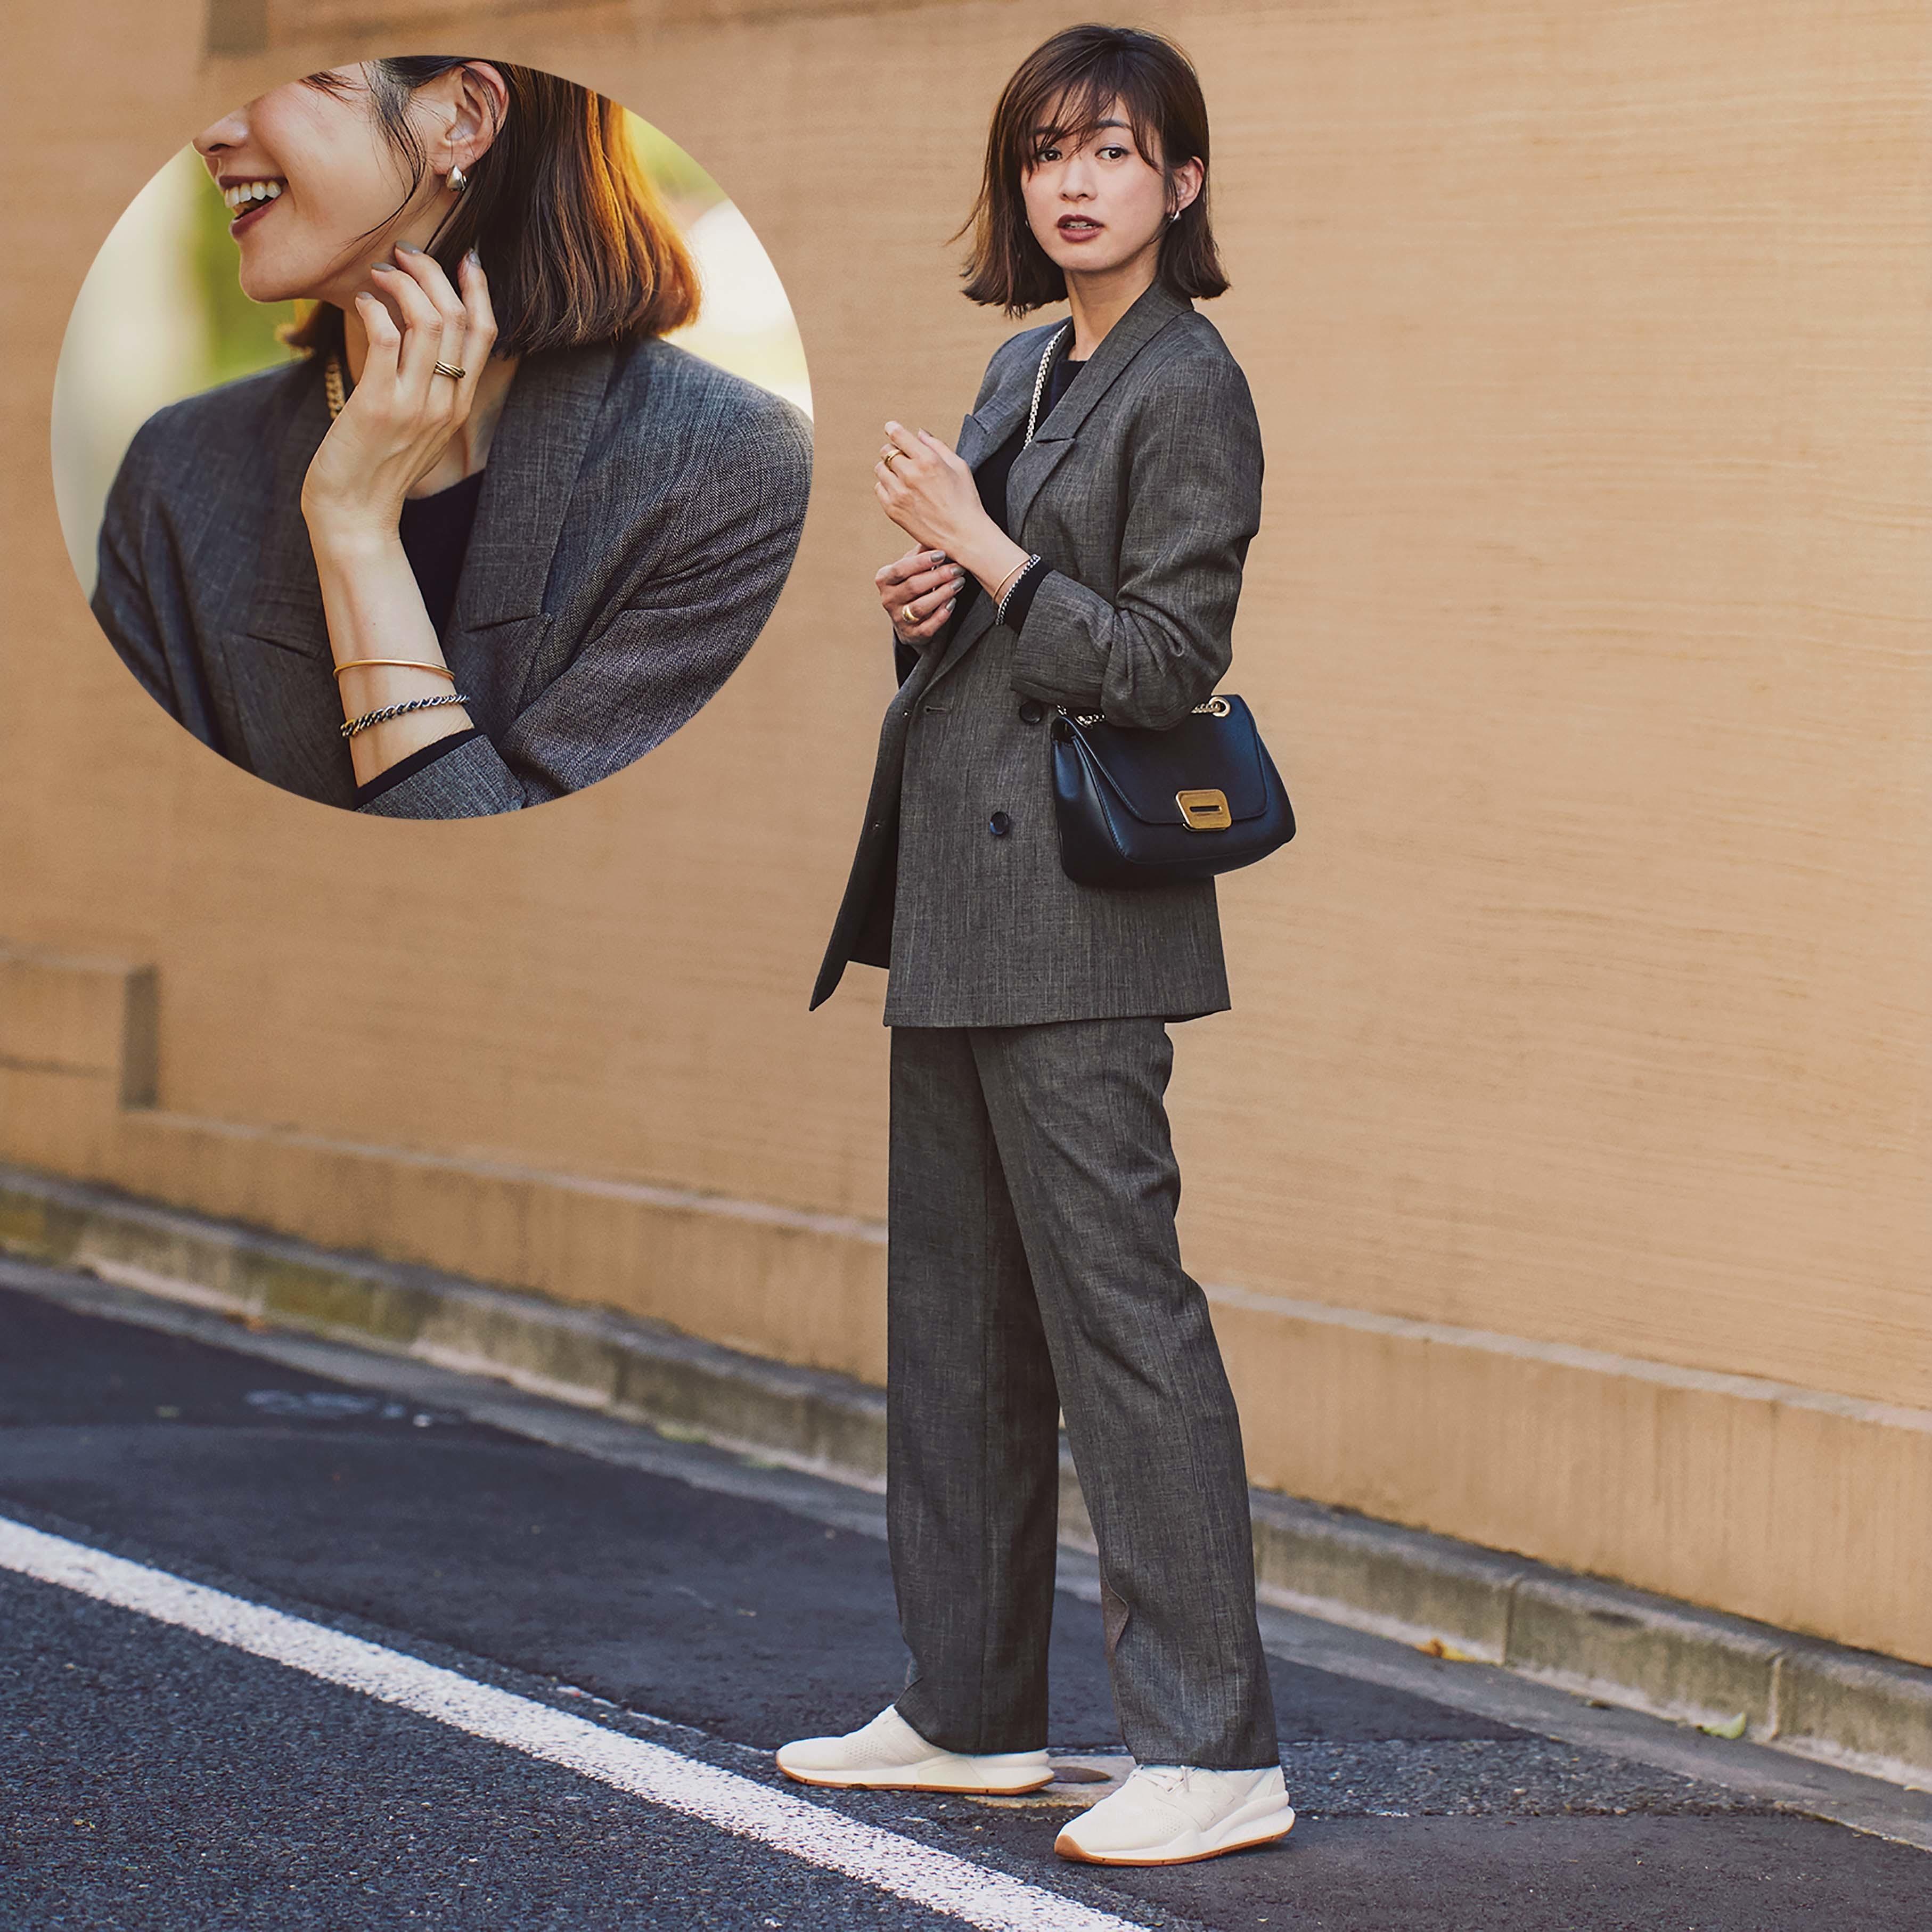 ジャケット×パンツ×アクセサリーのファッションコーデ